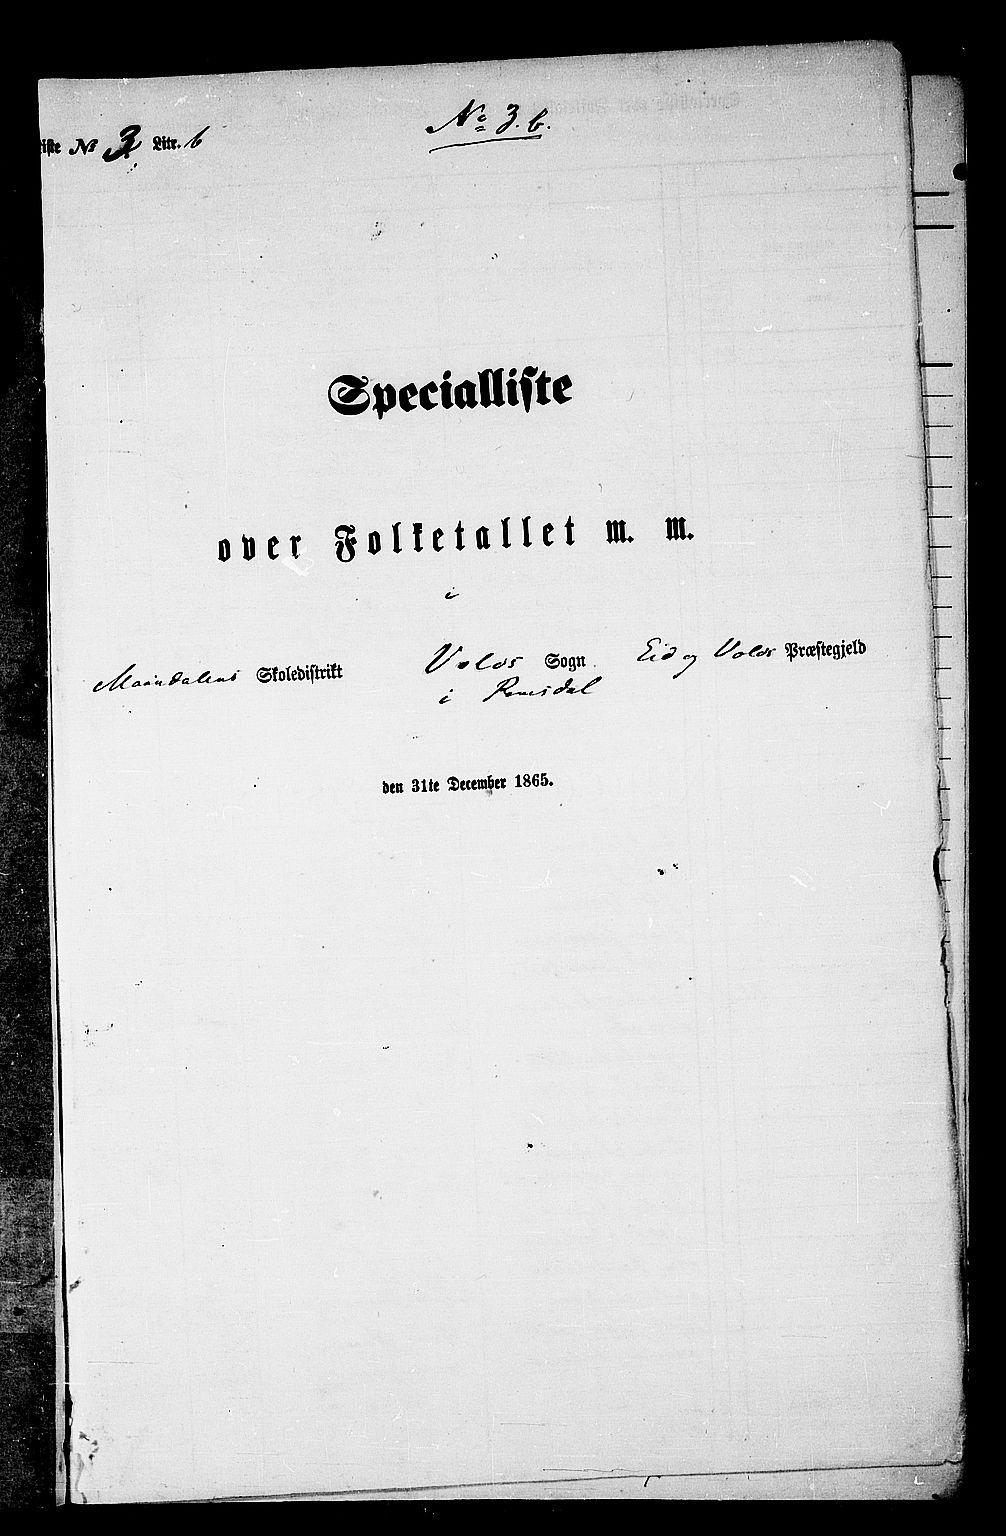 RA, Folketelling 1865 for 1537P Eid og Vold prestegjeld, 1865, s. 62